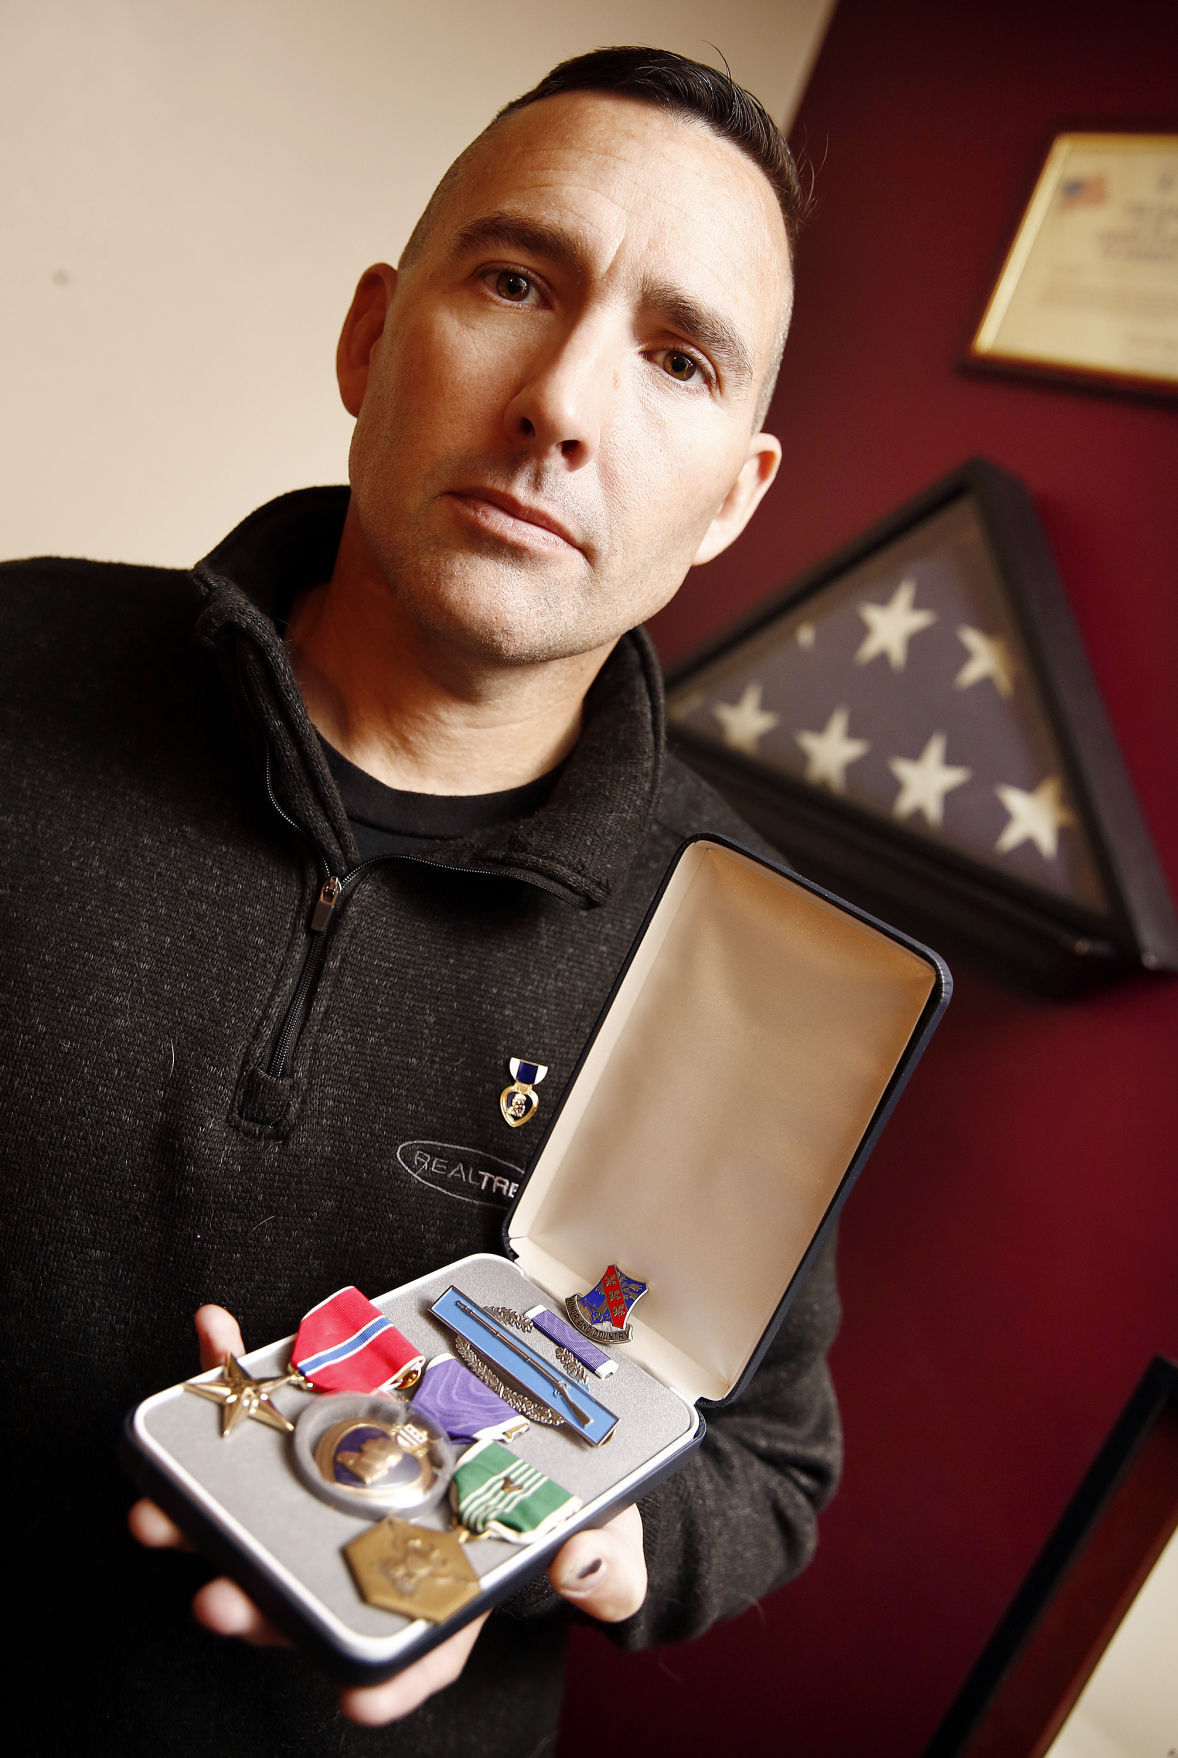 Iraq veteran Todd Landen